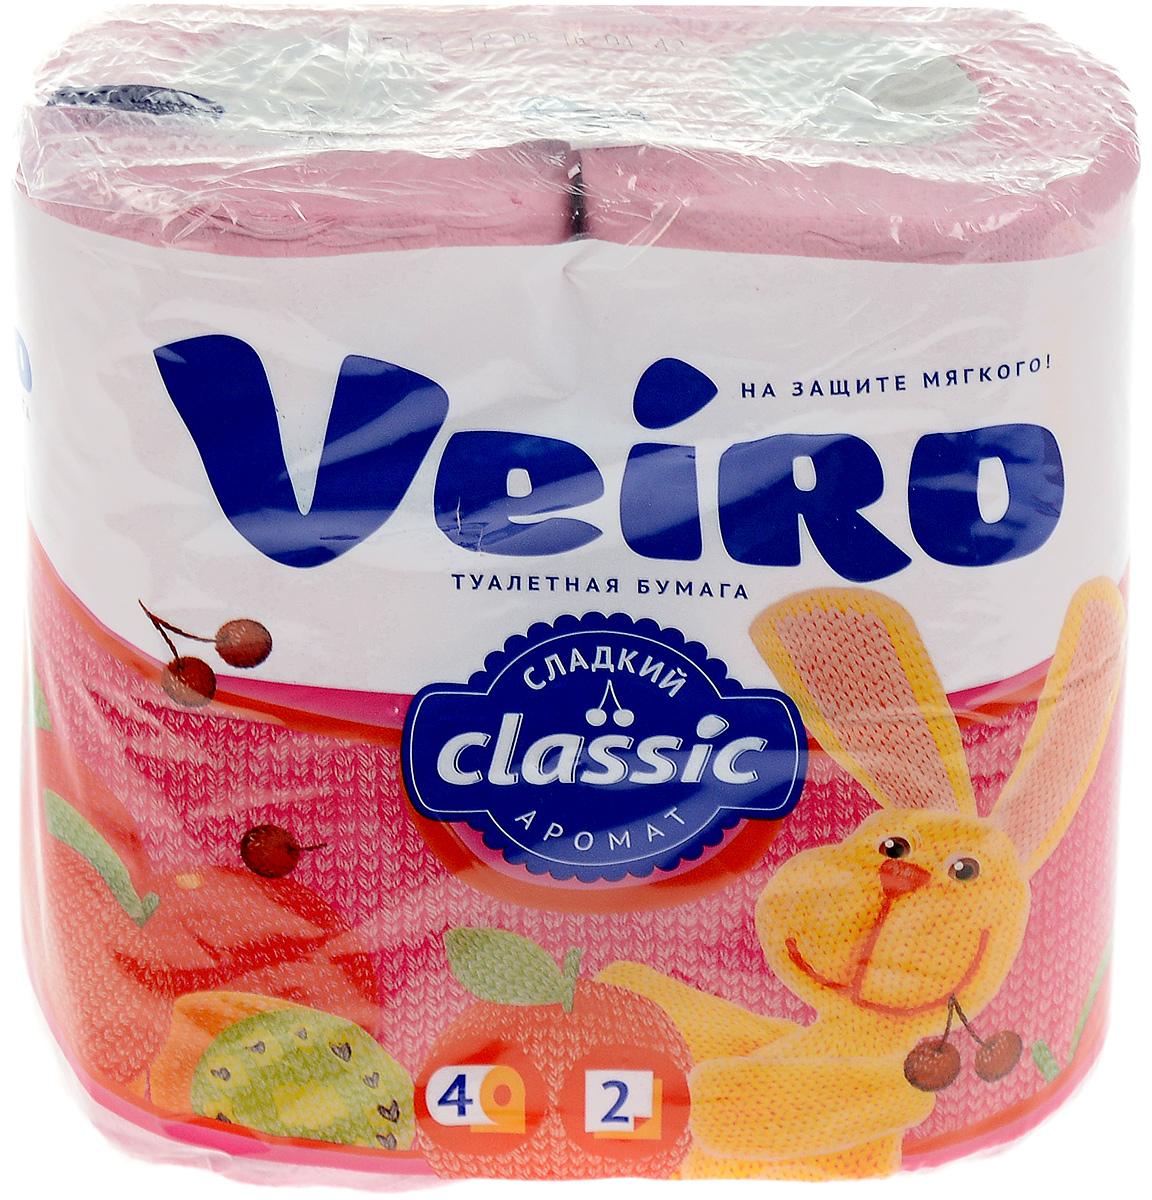 Бумага туалетная Veiro Classic, двухслойная, цвет: розовый, 4 рулона5C24р_розовыйТуалетная бумага Veiro Classic, выполненная из натуральной целлюлозы, обеспечивает превосходный комфорт и ощущение чистоты и свежести. Необыкновенно мягкая, но в тоже время прочная, бумага не расслаивается и отрывается строго по линии перфорации, не вызывает аллергии и раздражения. Двухслойные листы имеют рисунок с перфорацией. Количество слоев: 2. Количество листов: 140 шт. Размер листа: 12,5 х 9,5 см. Длина намотки: 17,5 м. Состав: 100% целлюлоза.